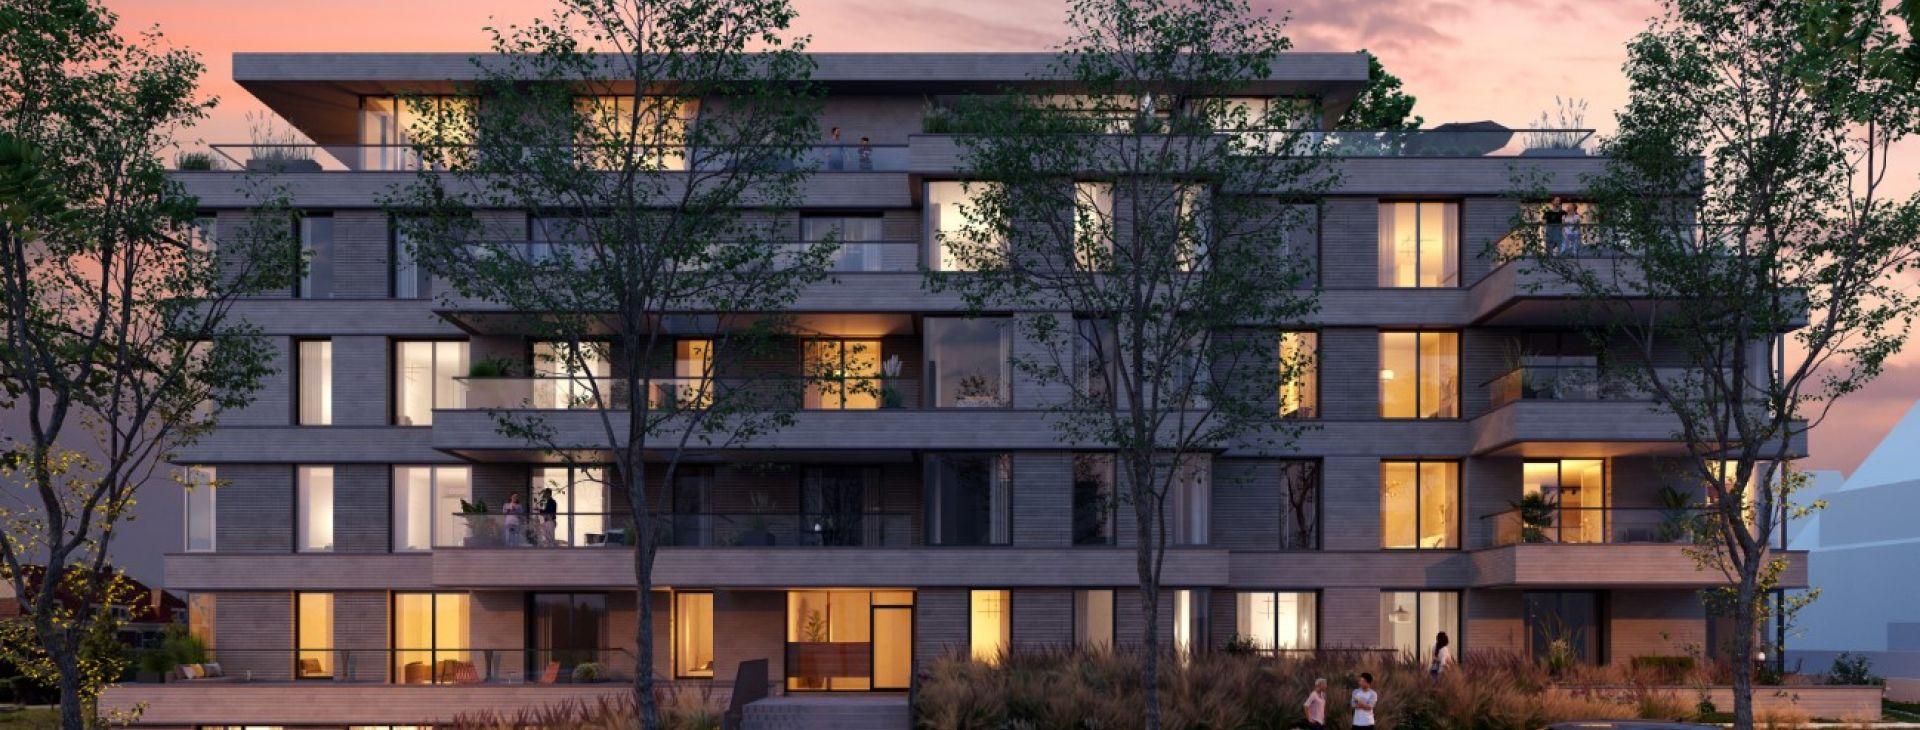 Transformatie Nieuwe Duin: kantoorpand tot appartementen